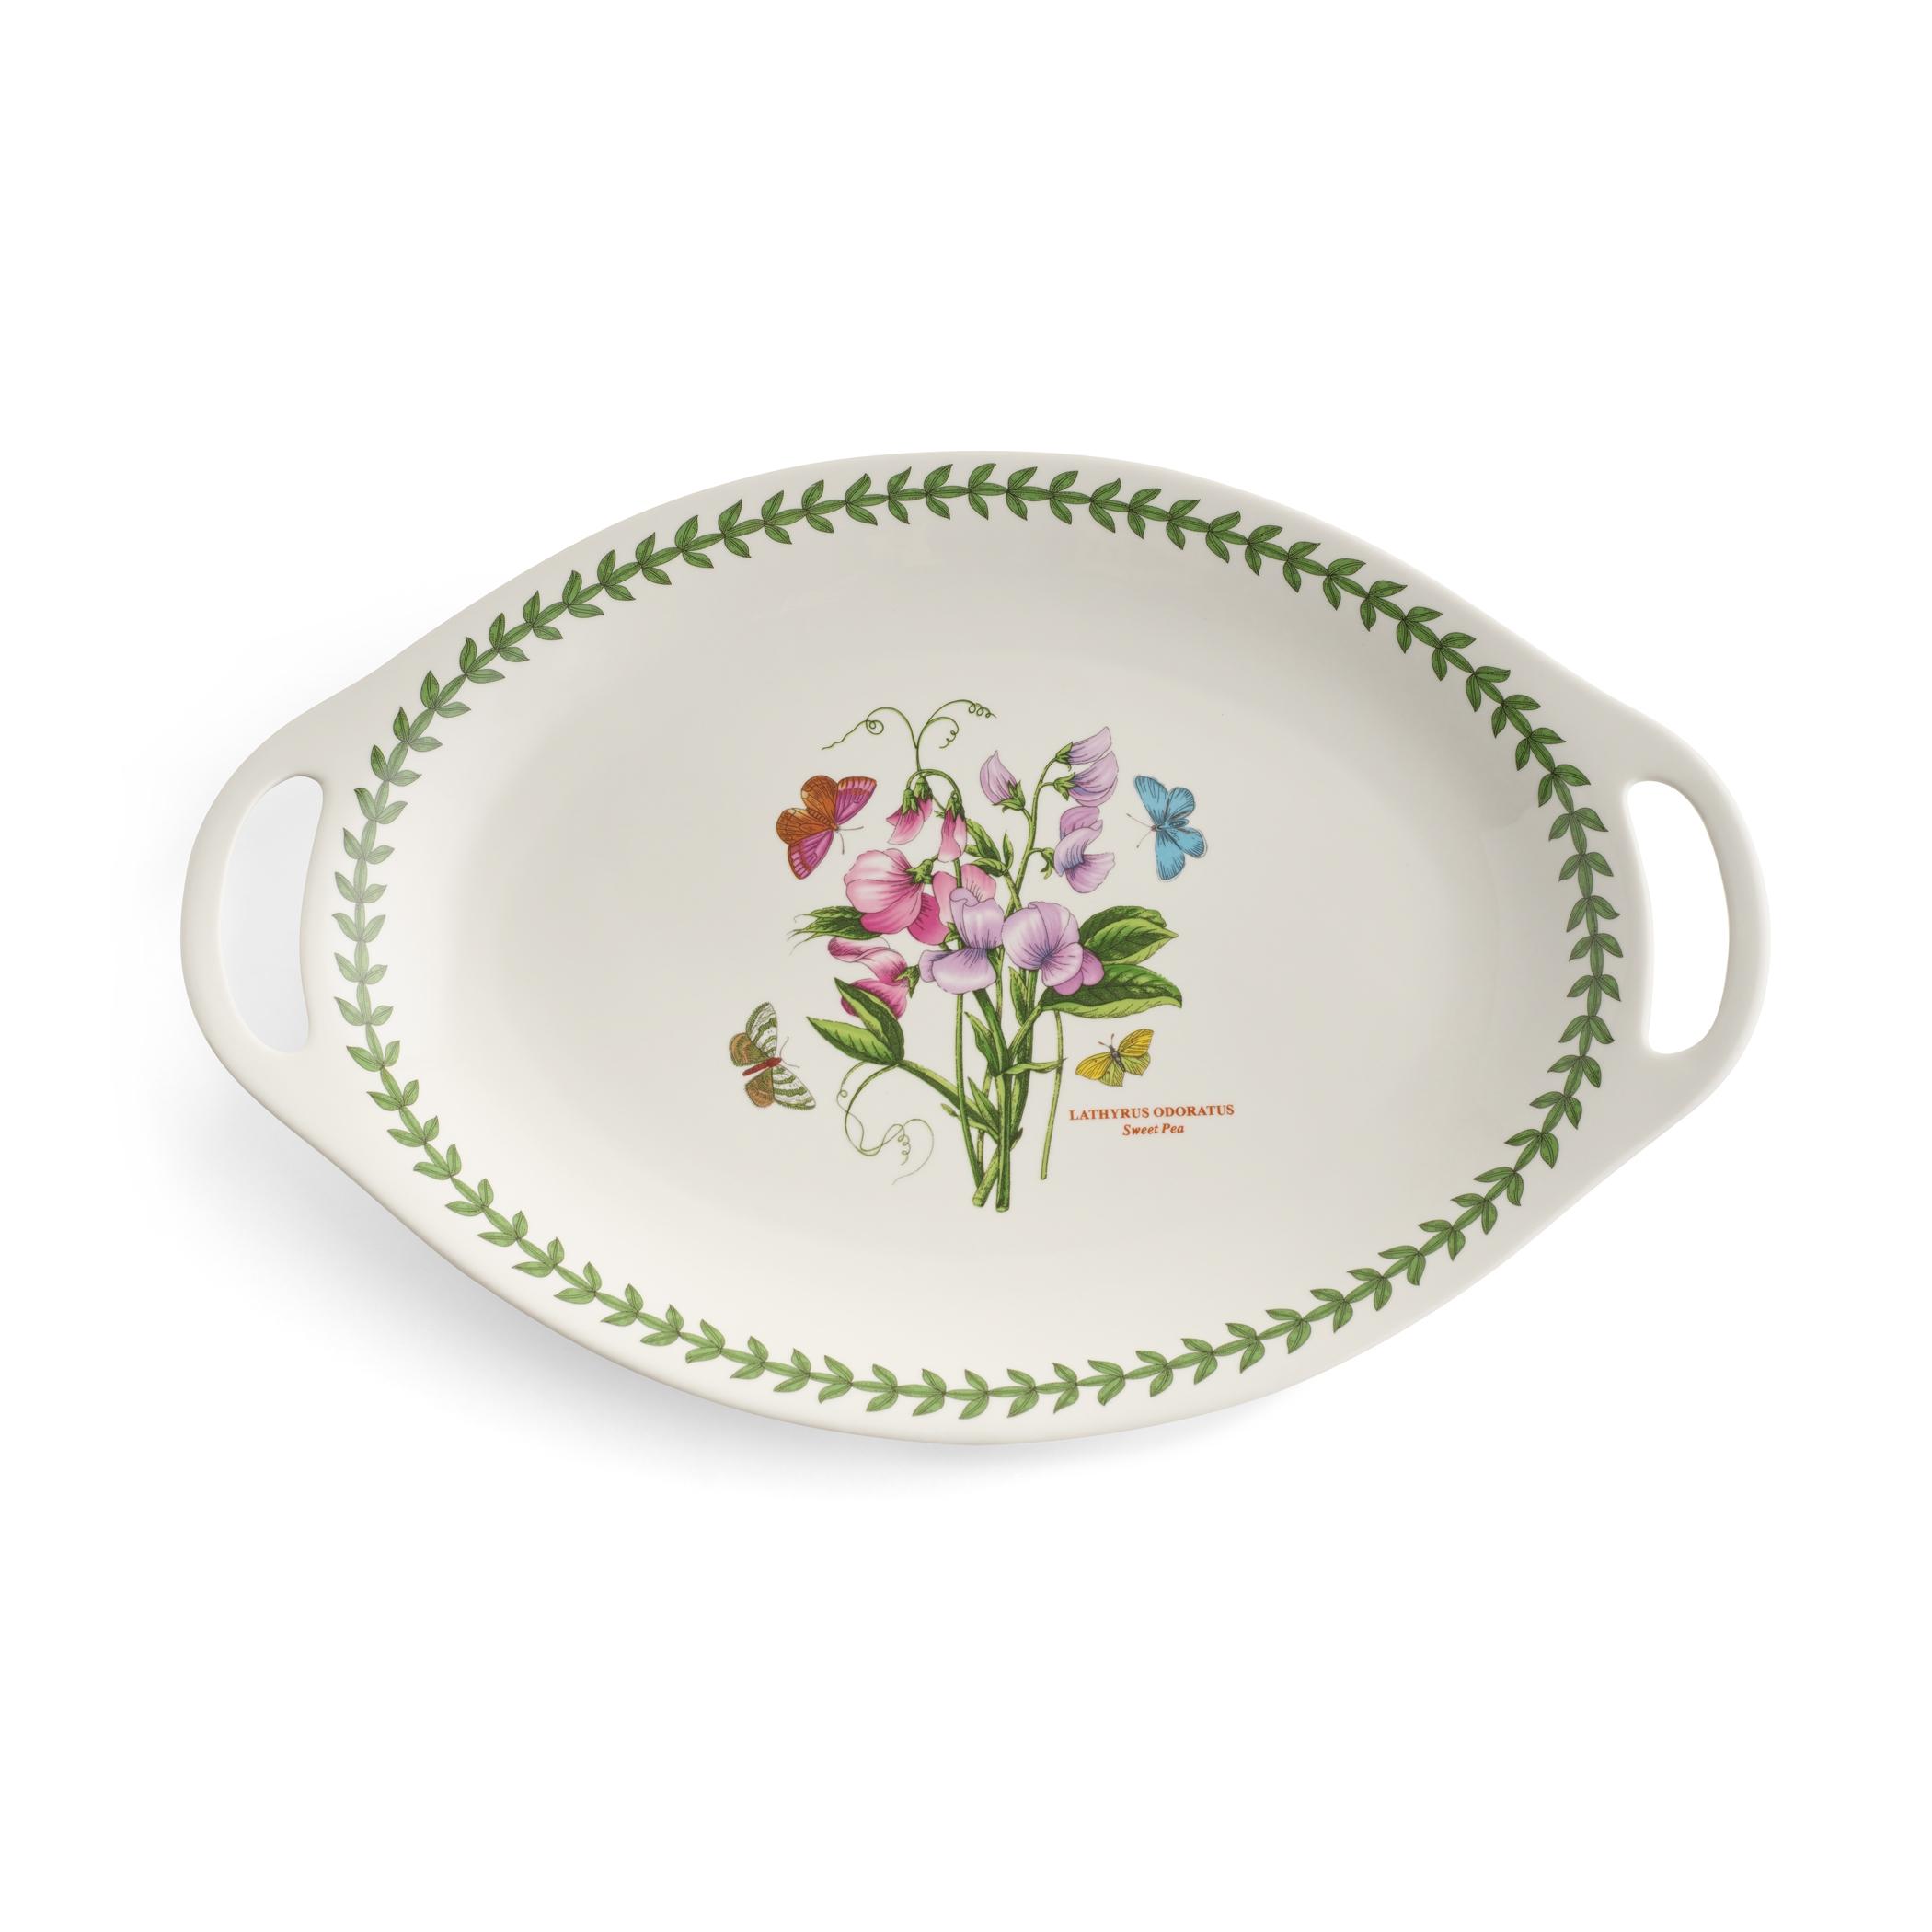 Portmeirion Botanic Garden Oval Platter 28cm